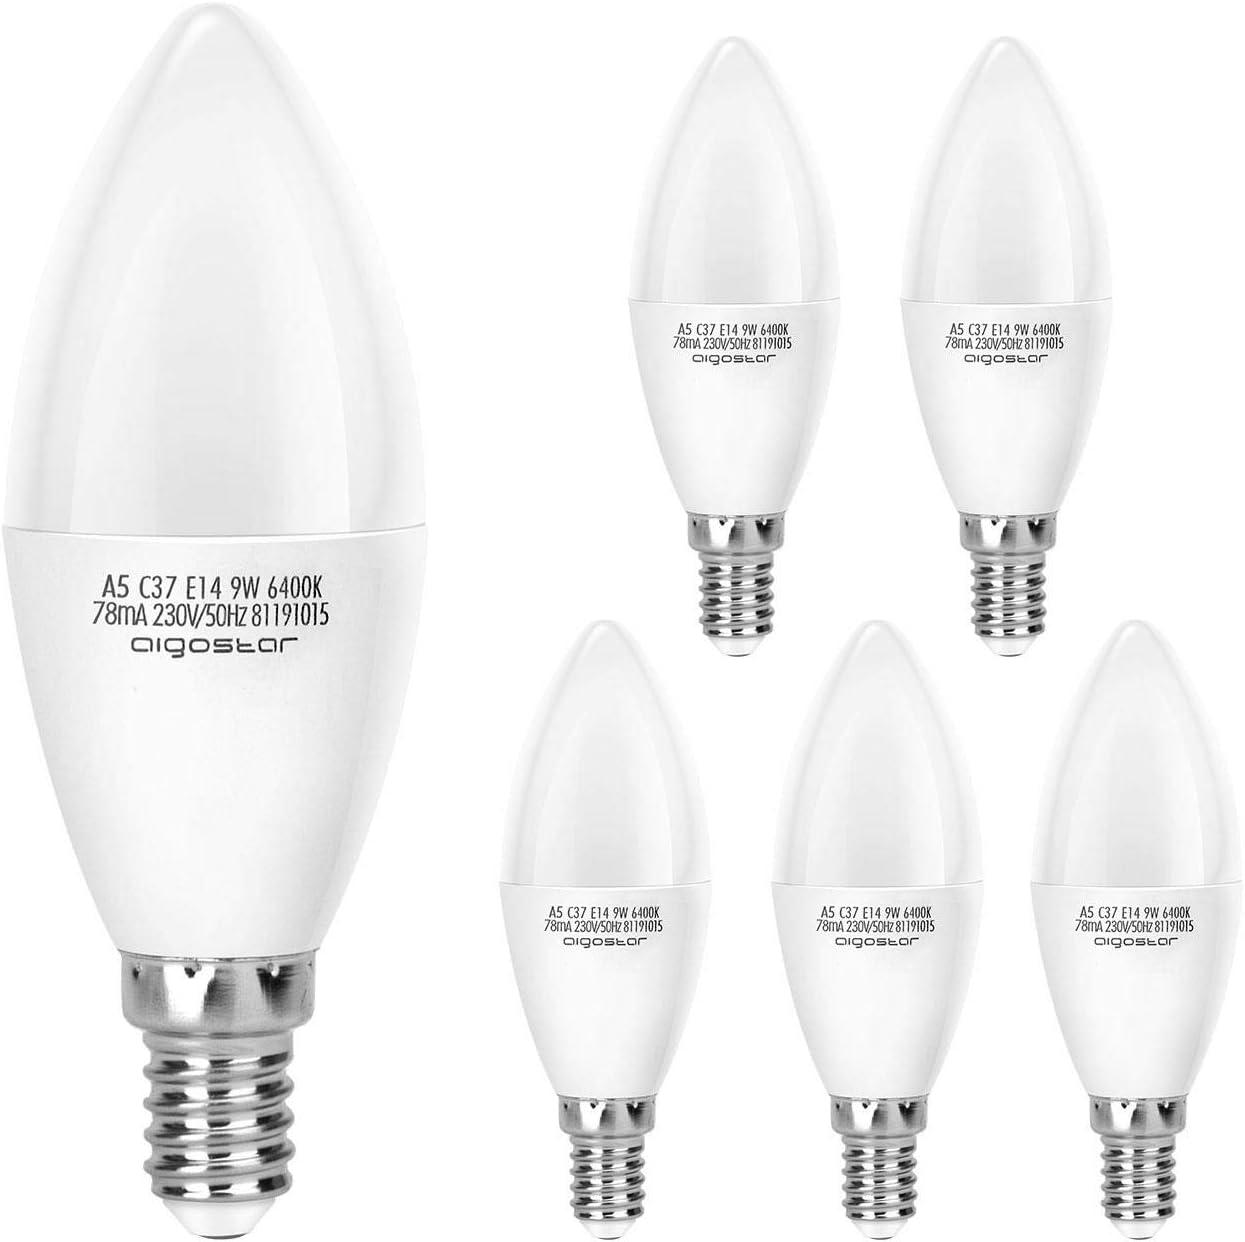 Aigostar Pack de 5 Bombillas LED Vela 9W, 720 lúmenes luz blanca fría 6400K, E14 [Clase de eficiencia energética A+]